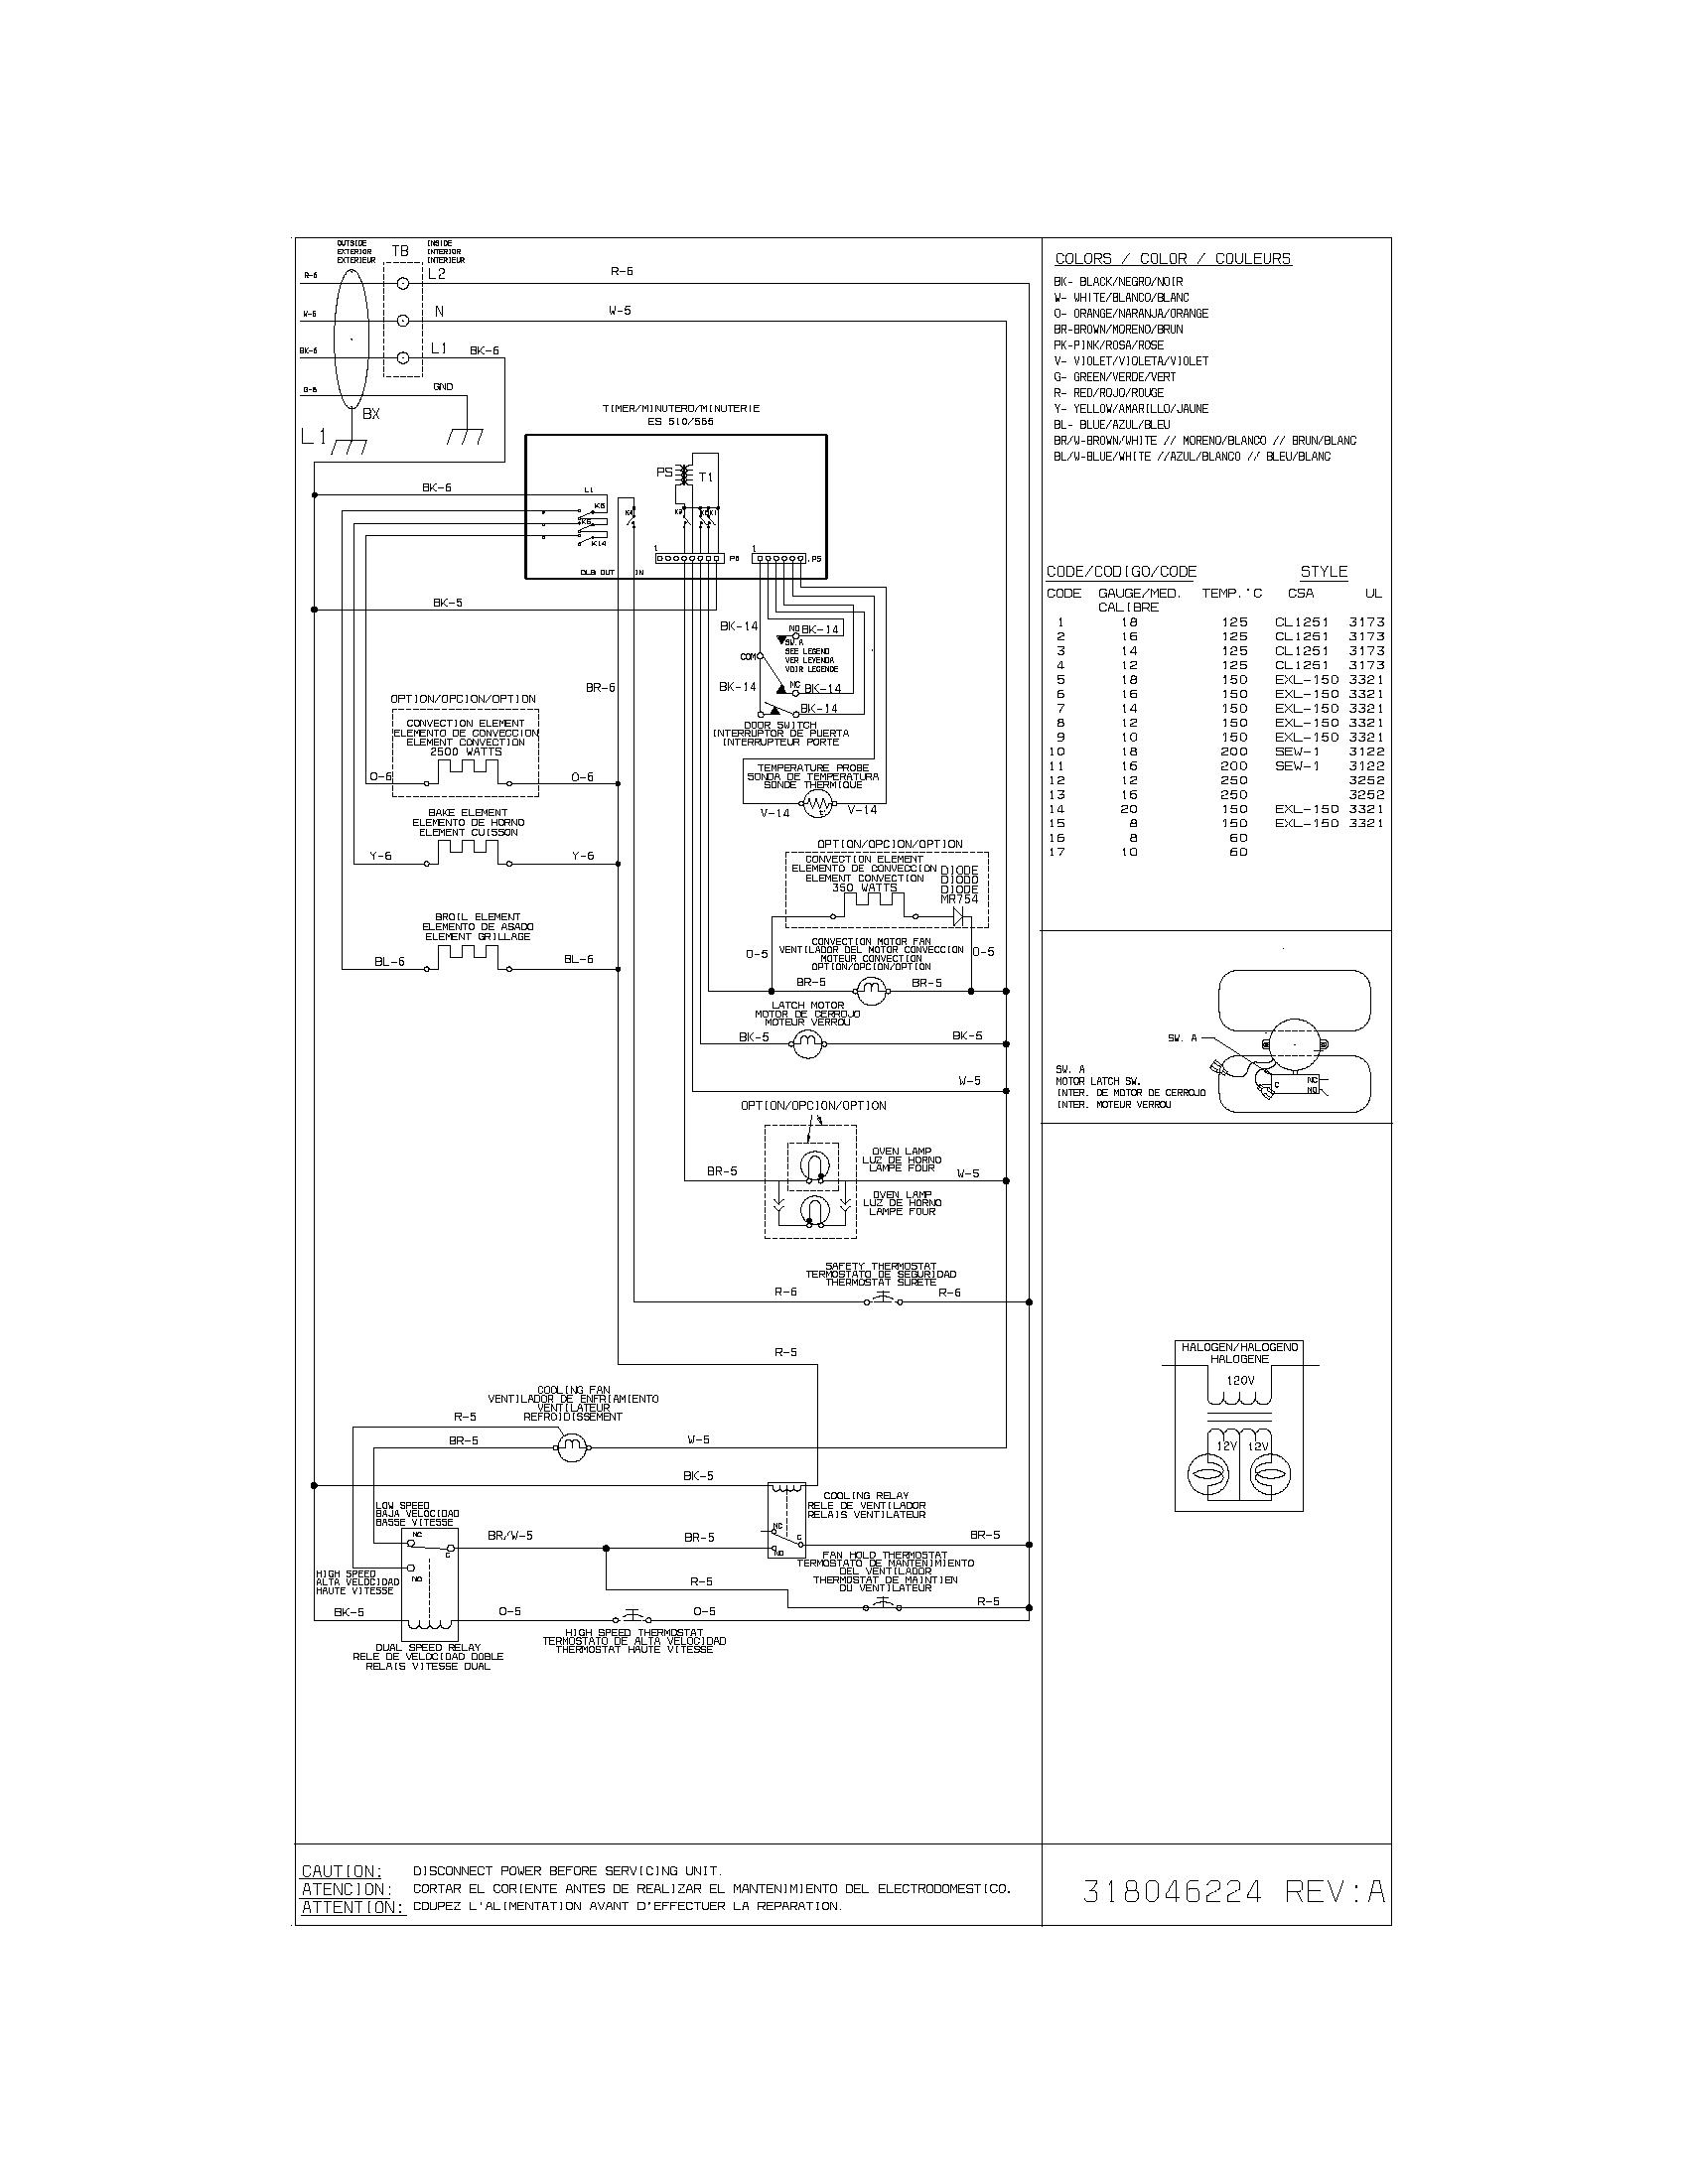 polaris 500 xc sp wiring diagram polaris outlaw 500 wiring